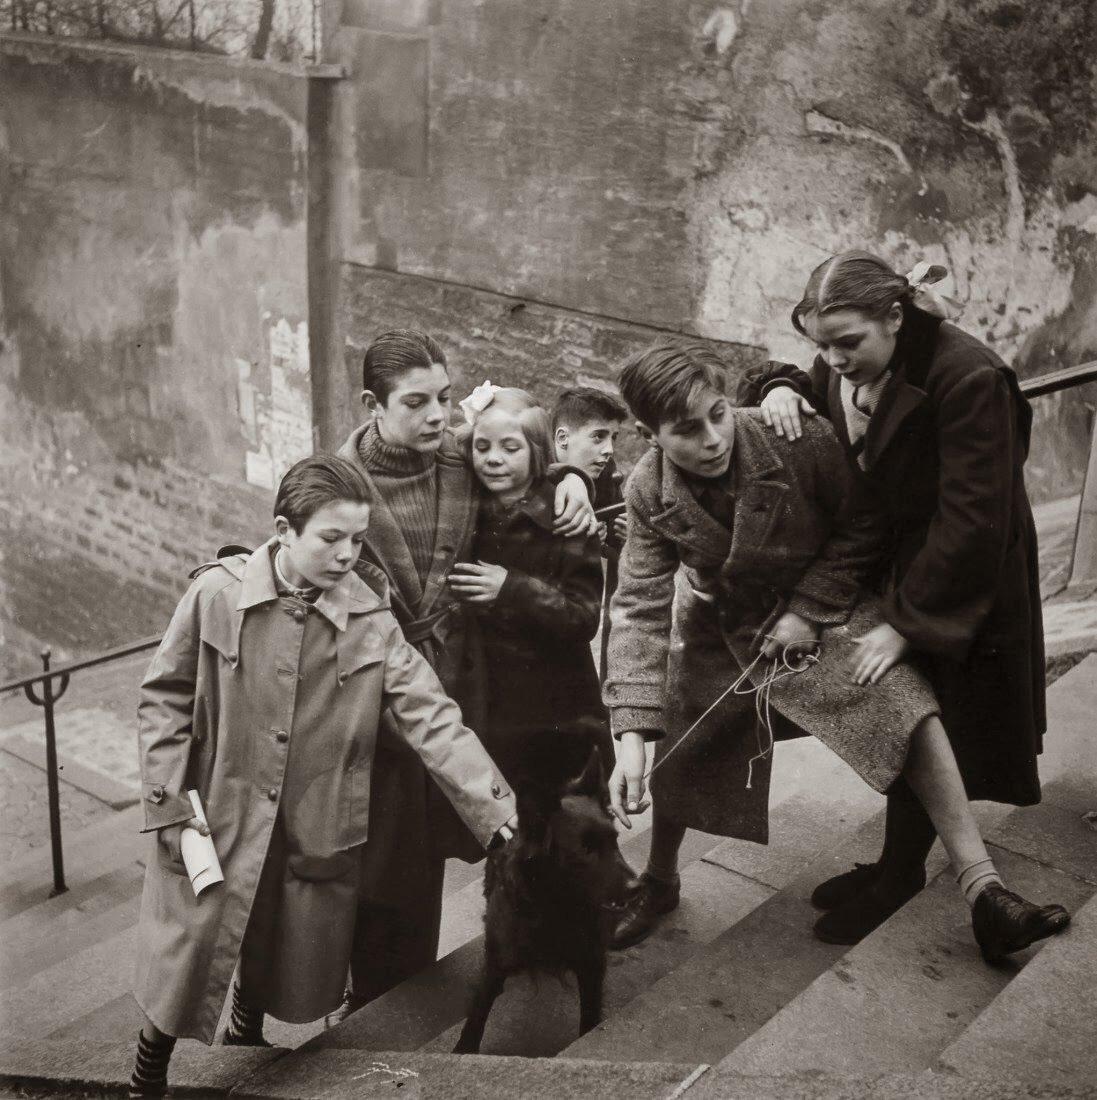 1949. Монмартр. Париж